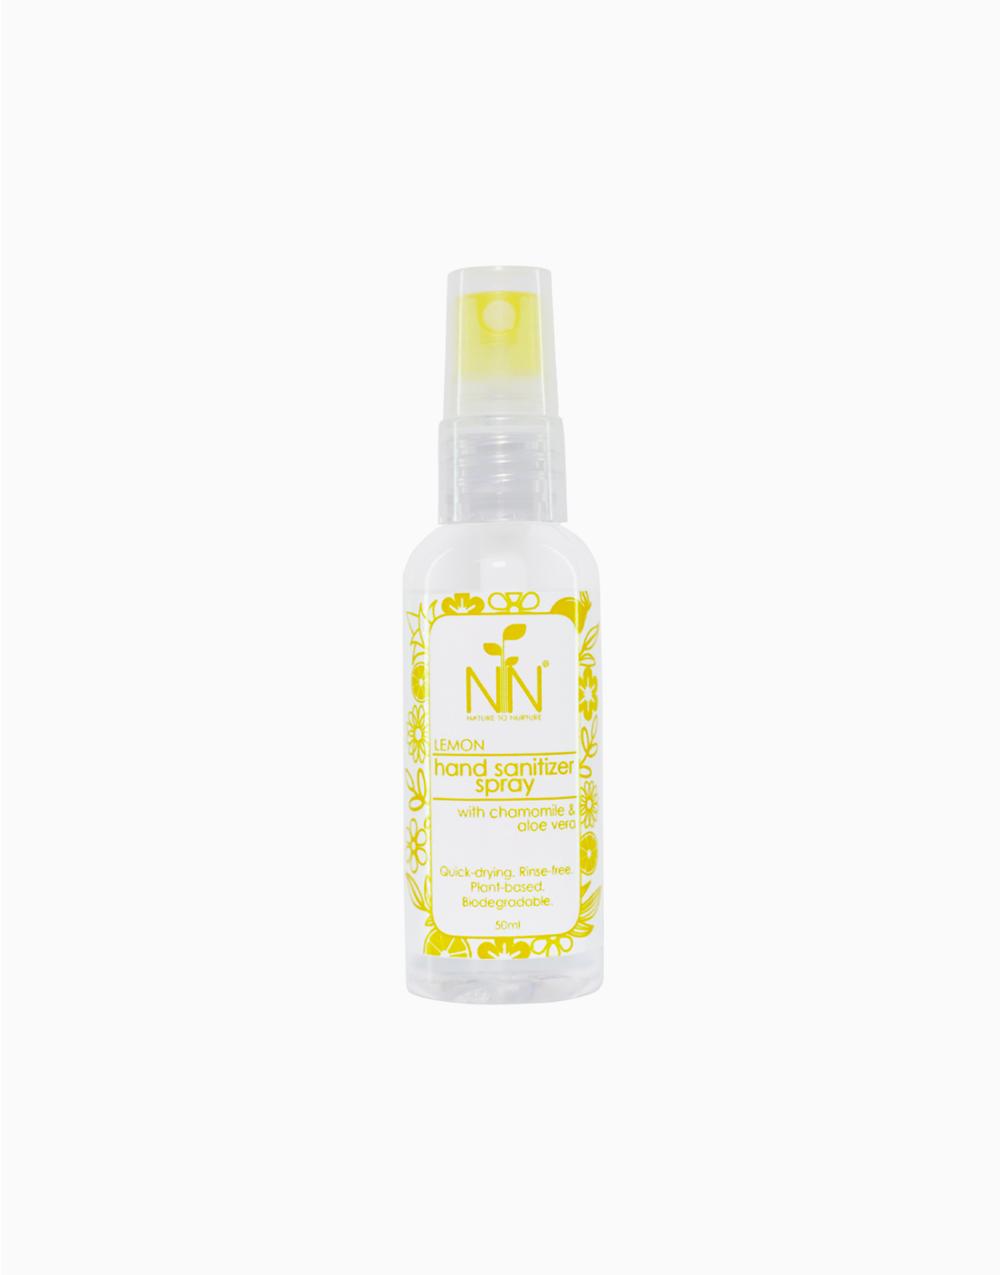 Hand Sanitizer (50ml) by Nature to Nurture | Lemon